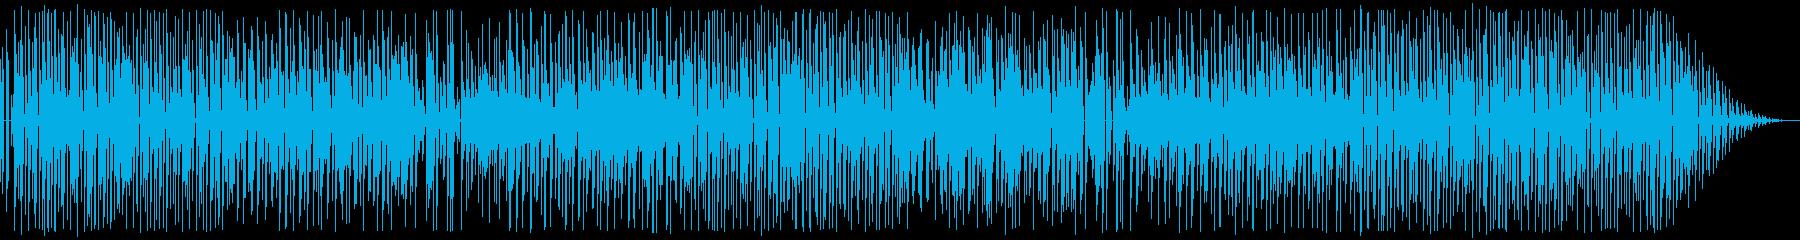 カンフー・中華風・8bitレトロゲームの再生済みの波形